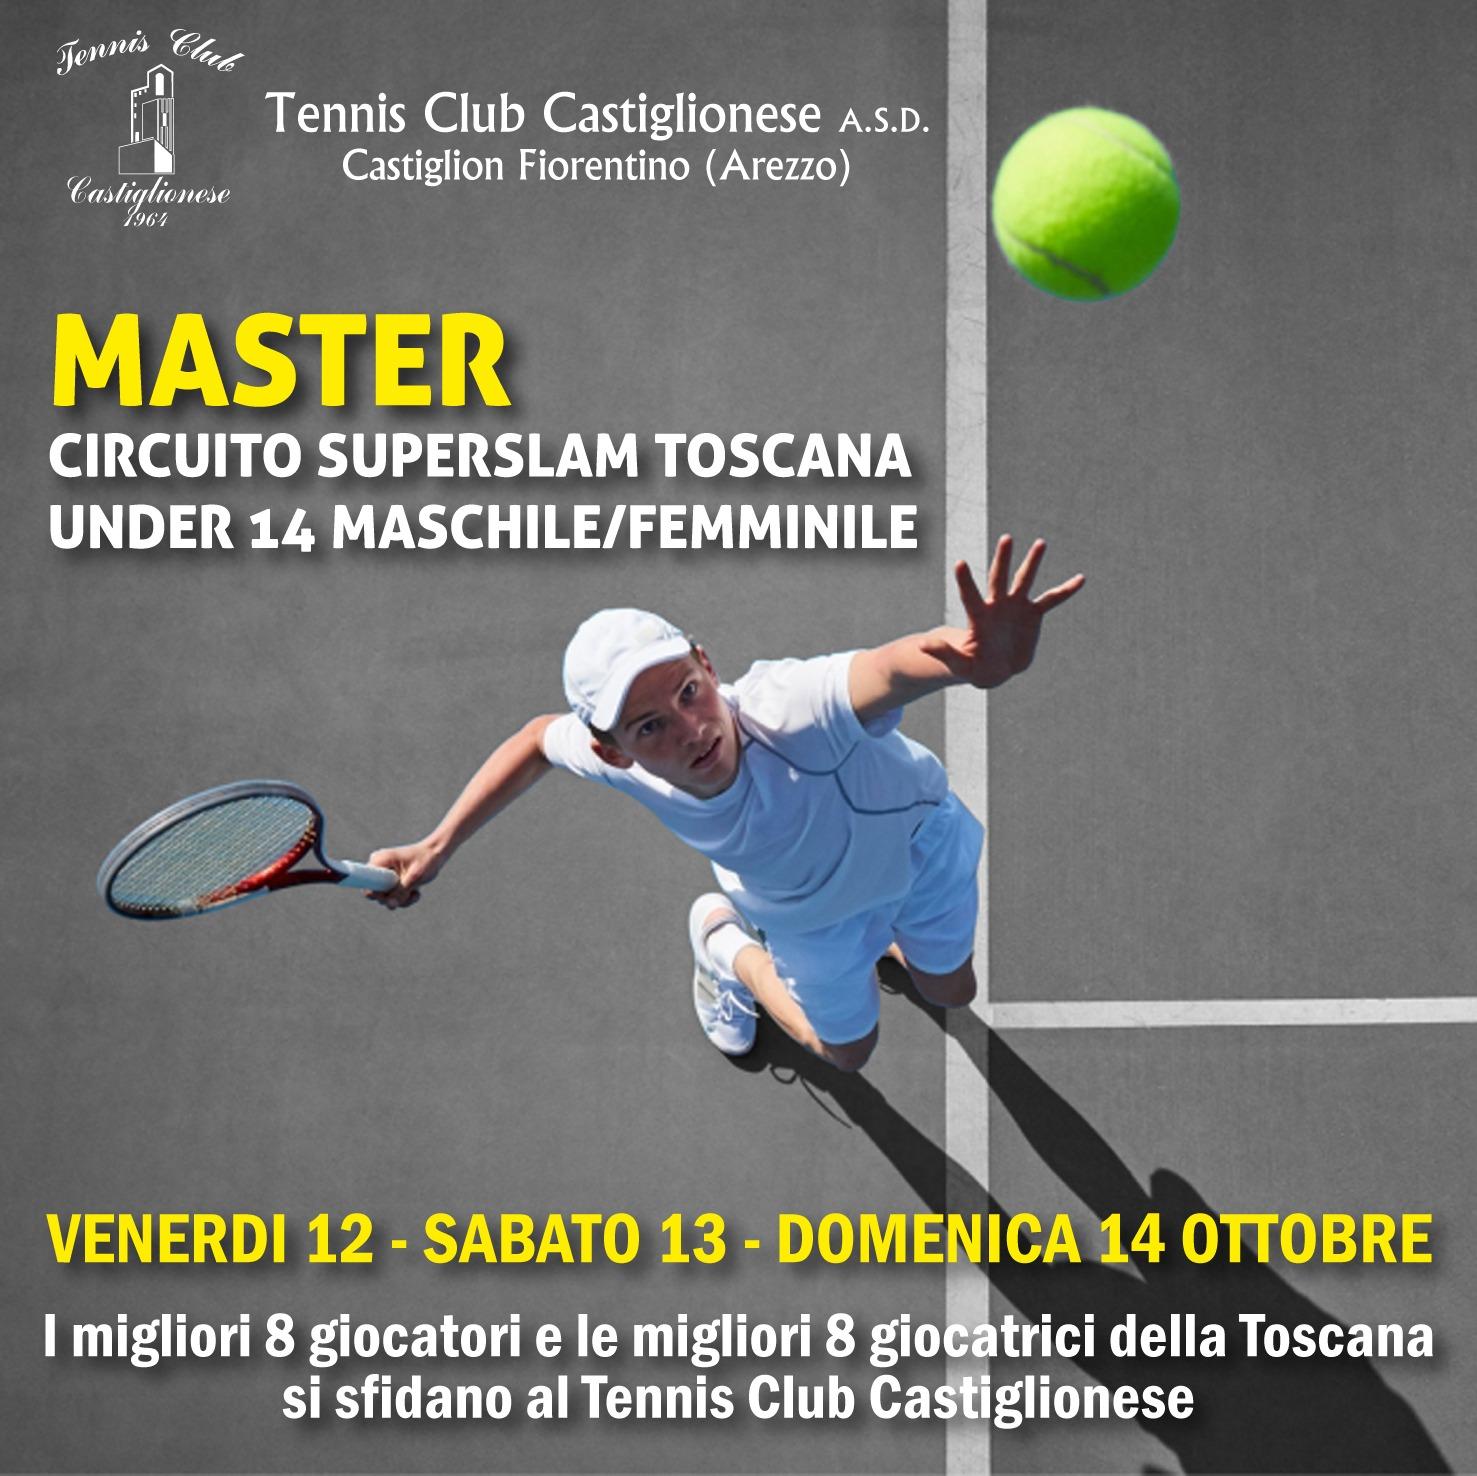 Grande spettacolo al Tennis Club Castiglionese con il Master Super Slam Toscana U14 Maschile e Femminile